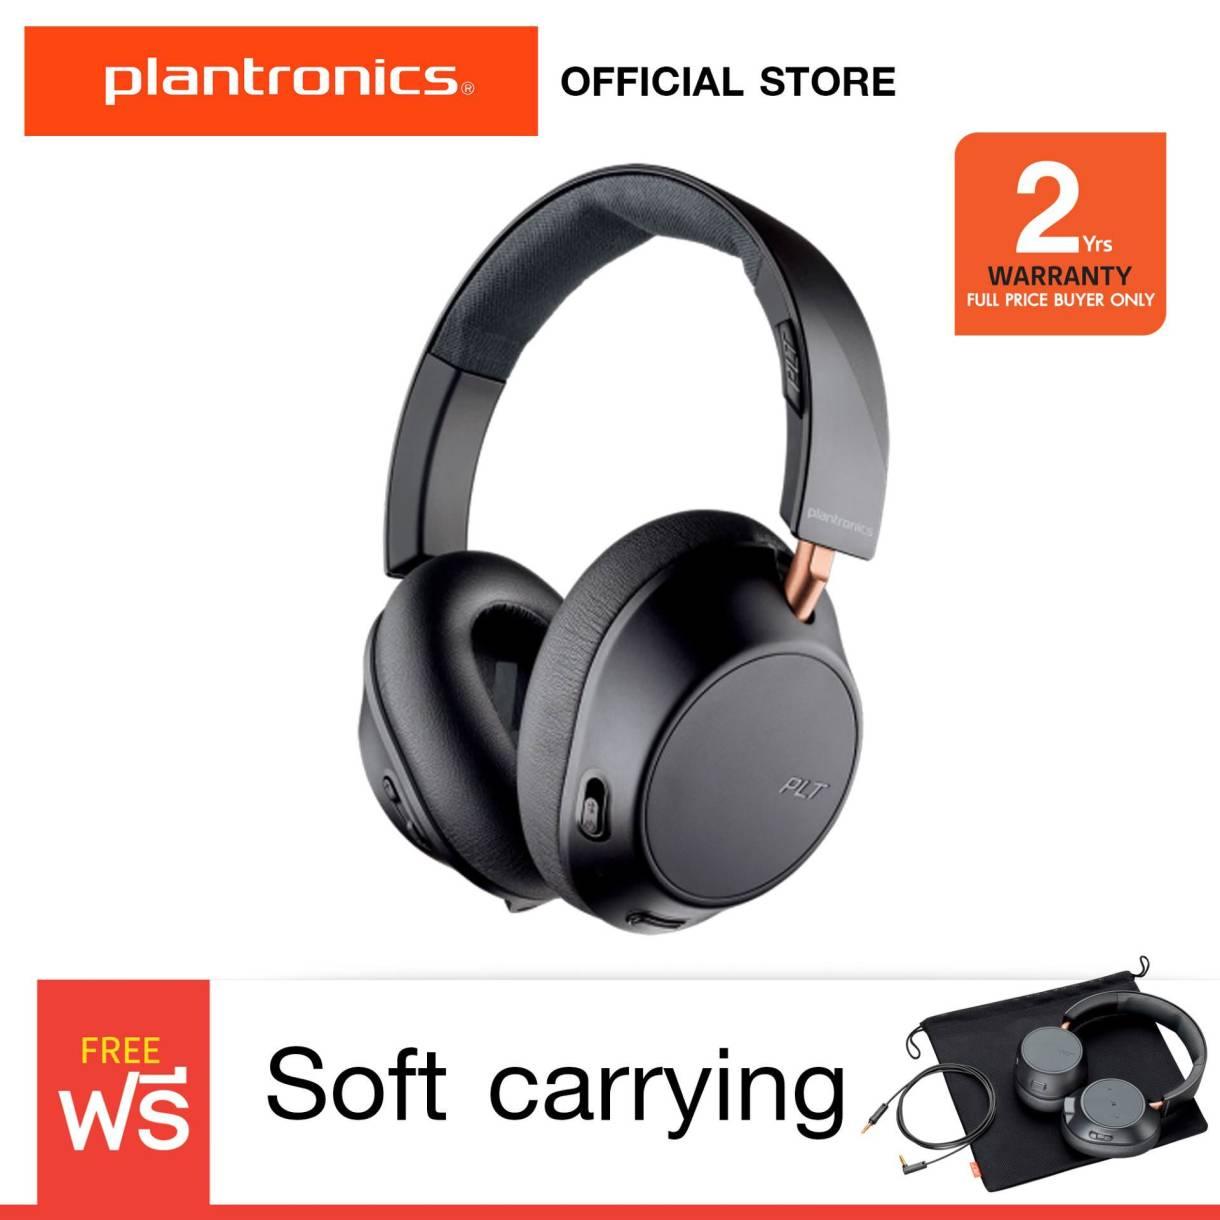 รีวิว plantronic backbeat go 810 - รีวิว Plantronics BackBeat GO 810 ตัดเสียงดี มีภาษาไทย ใส่สบาย